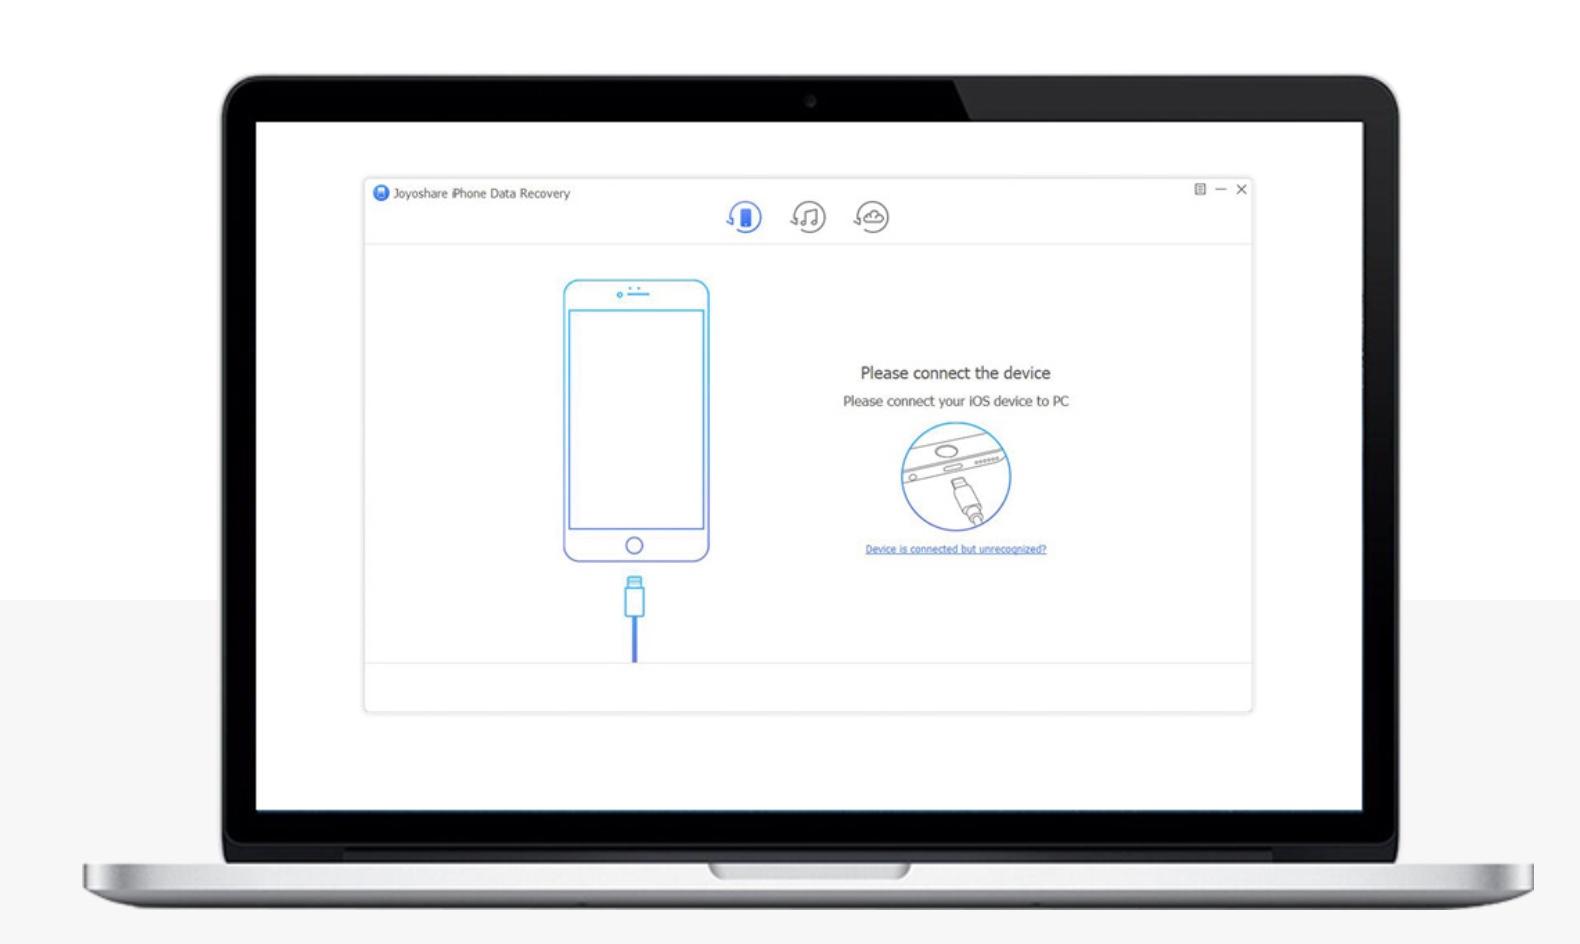 Joyoshare introduces iPhone Data Recovery